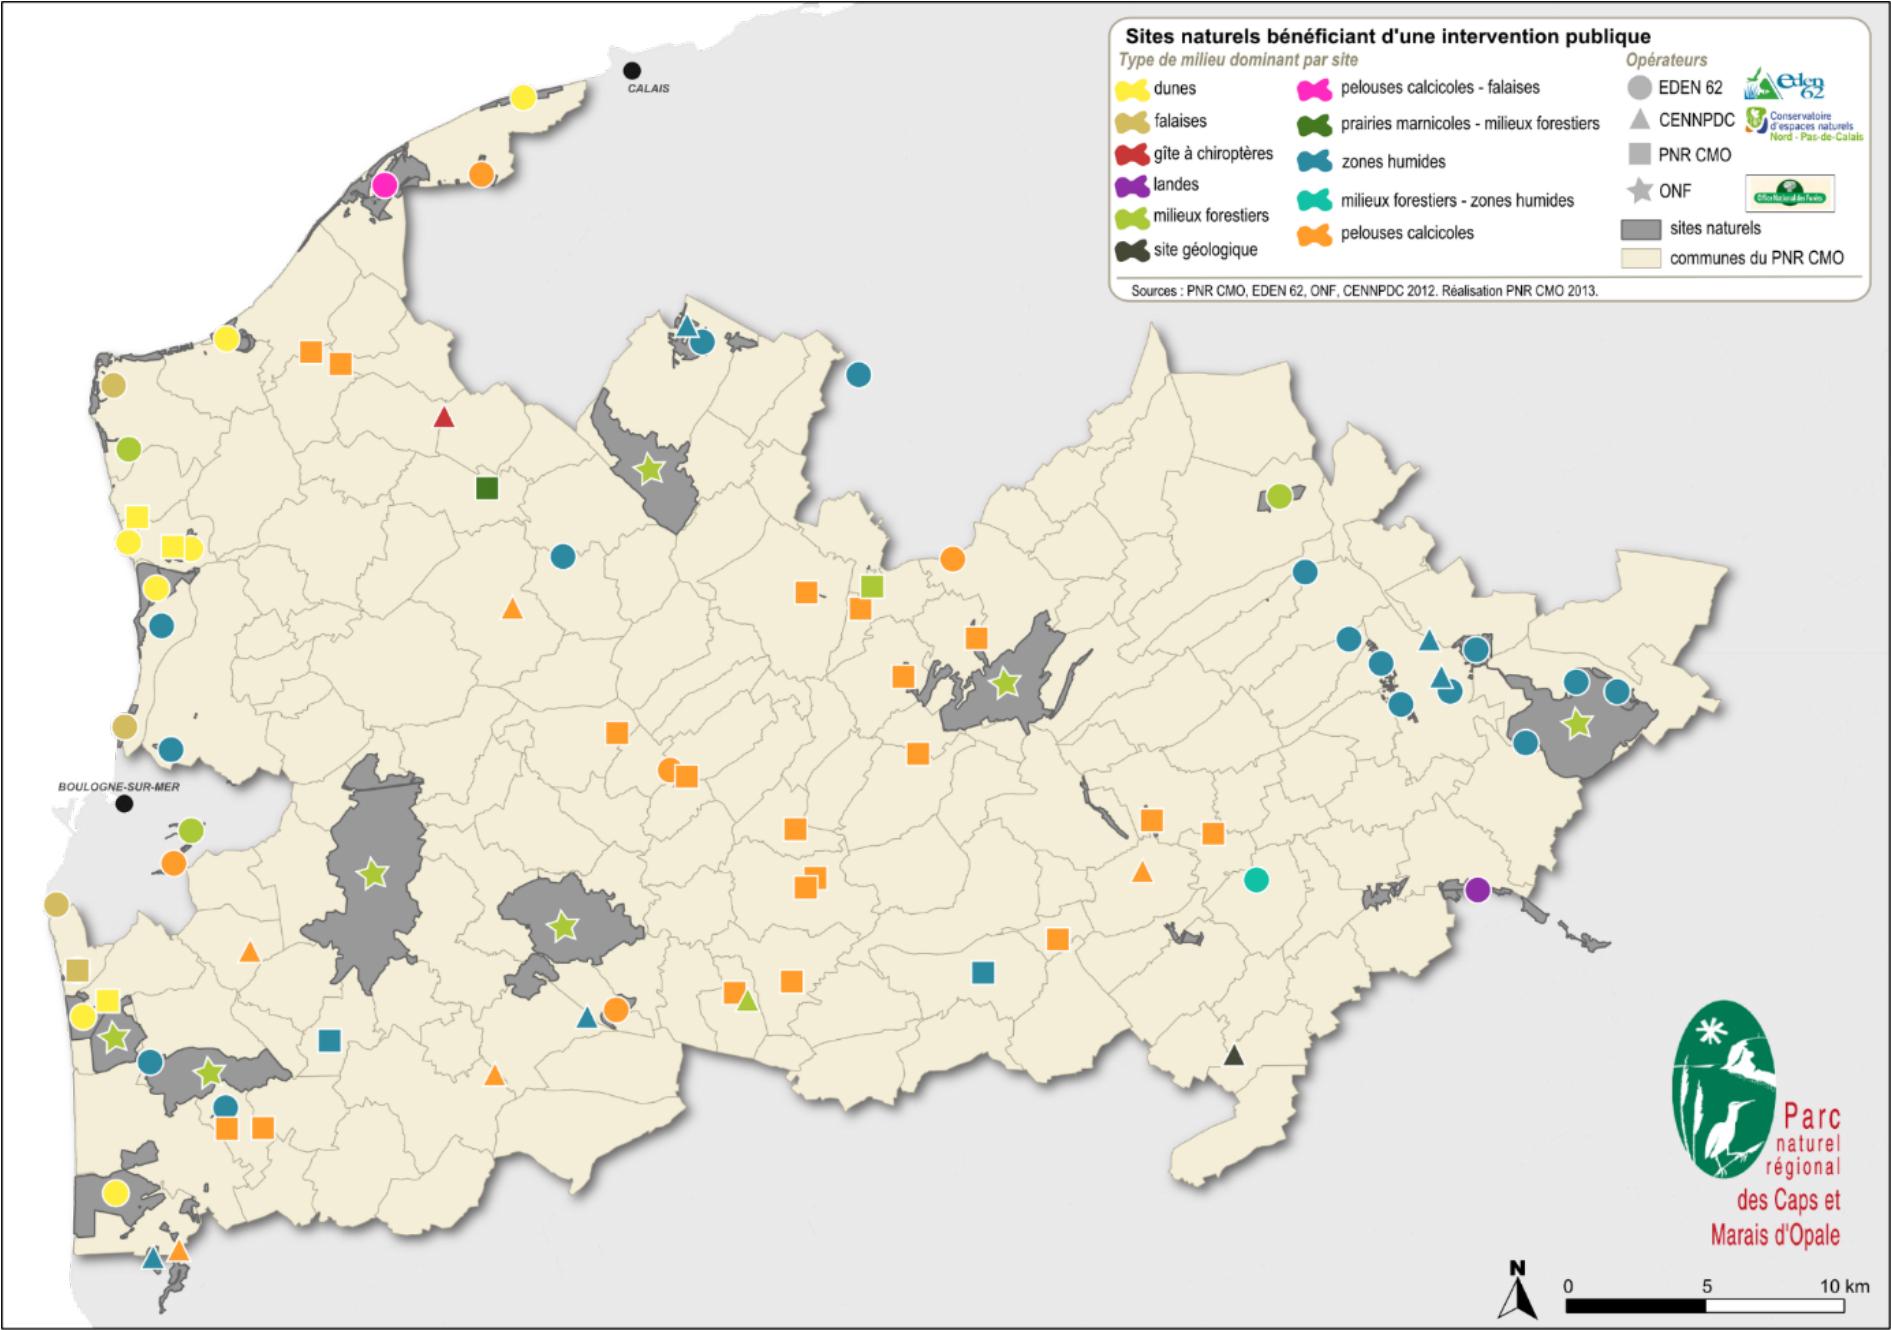 Les sites naturels bénéficiant de l'intervention publique